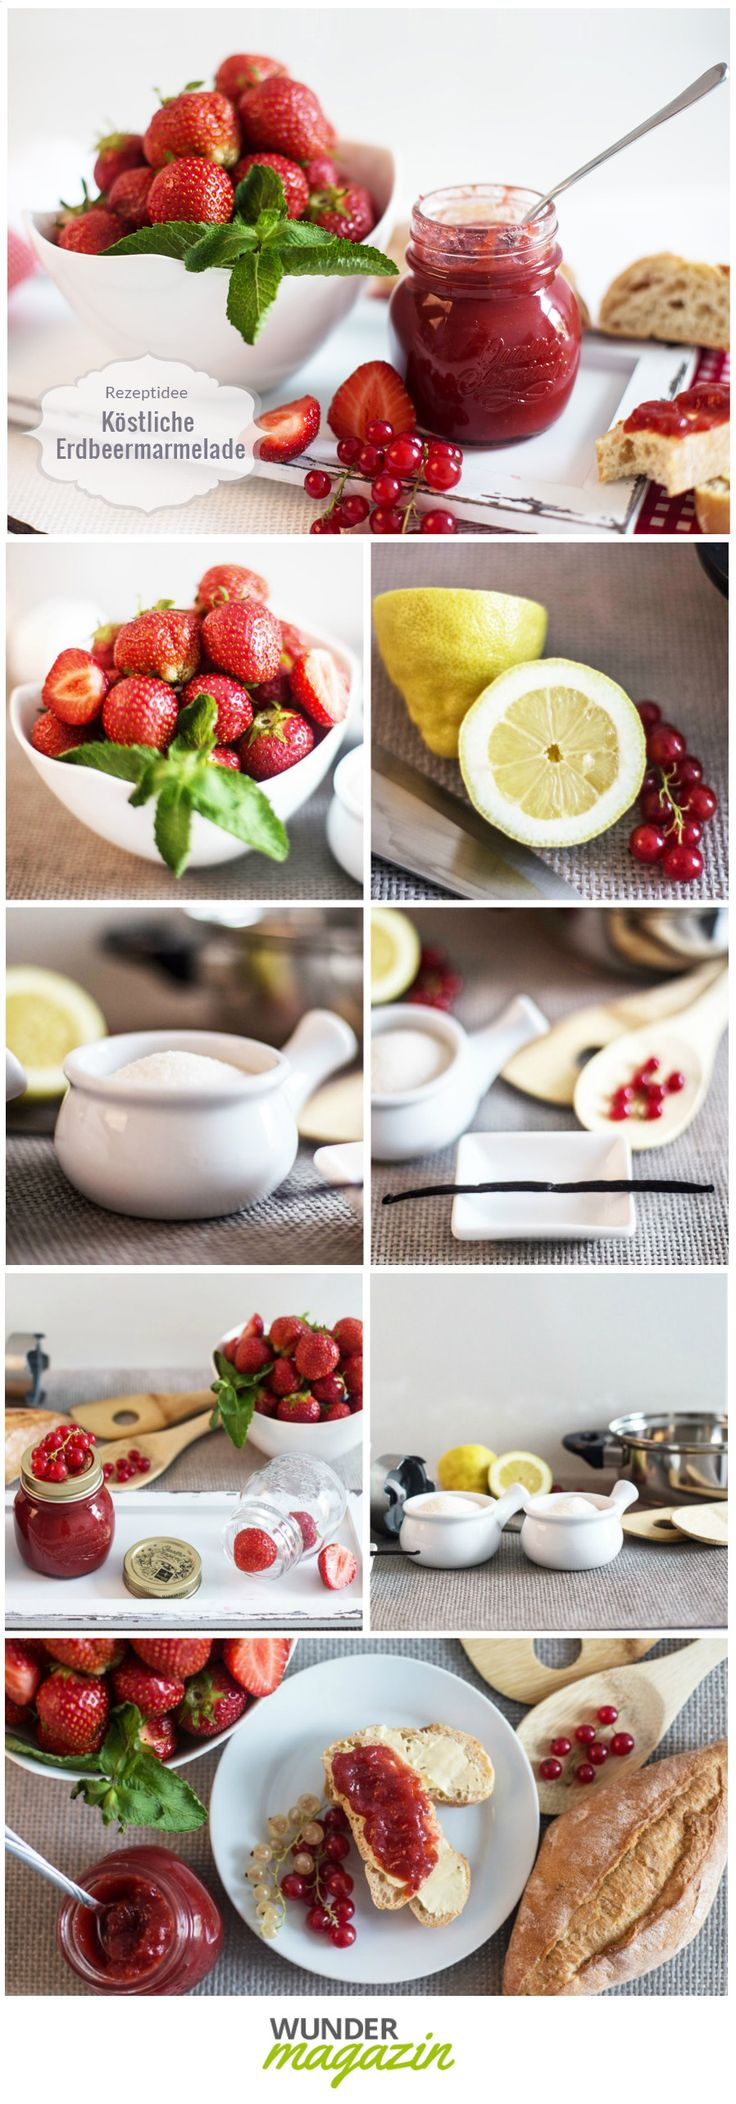 Selbstgemachte Erdbeermarmelade wird ganz bestimmt ein Hit in deinem Picknickkorb! Das Rezept findest du auf http://www.wunderkarten.de/magazin/erdbeermarmelade-rezept-fuer-den-fruchtigen-genuss/